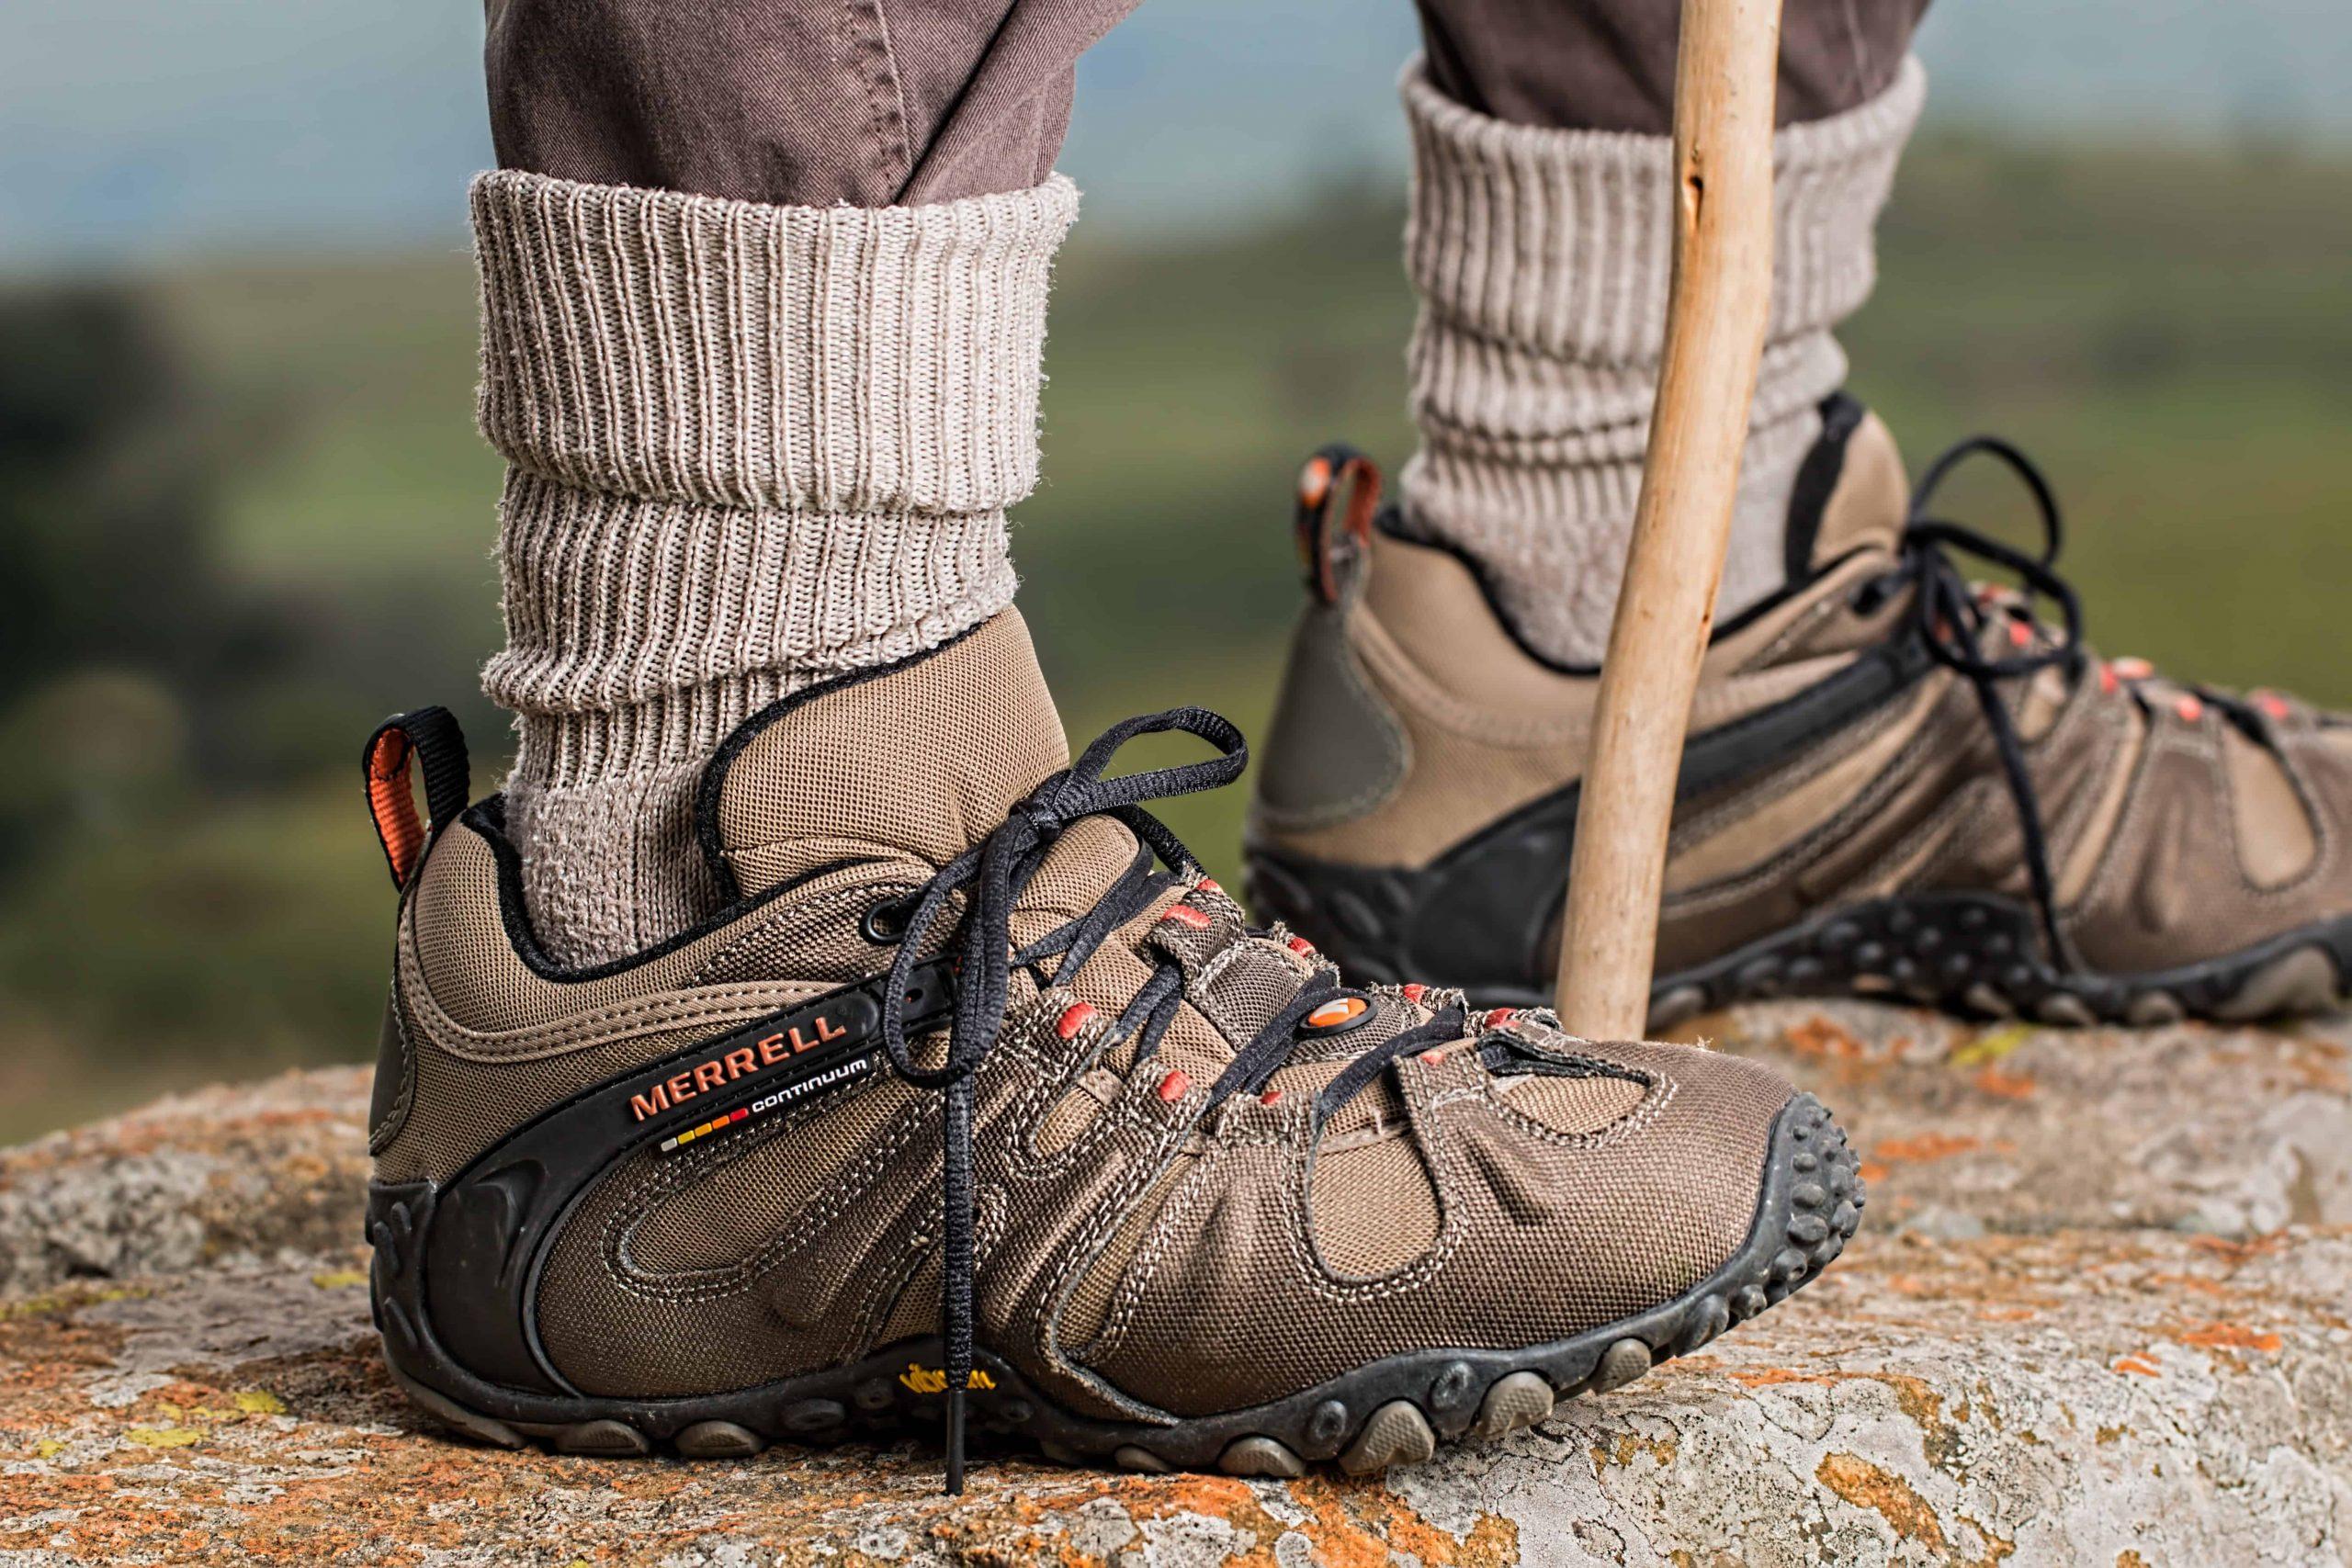 Trekkingsocken: Test & Empfehlungen (02/20)